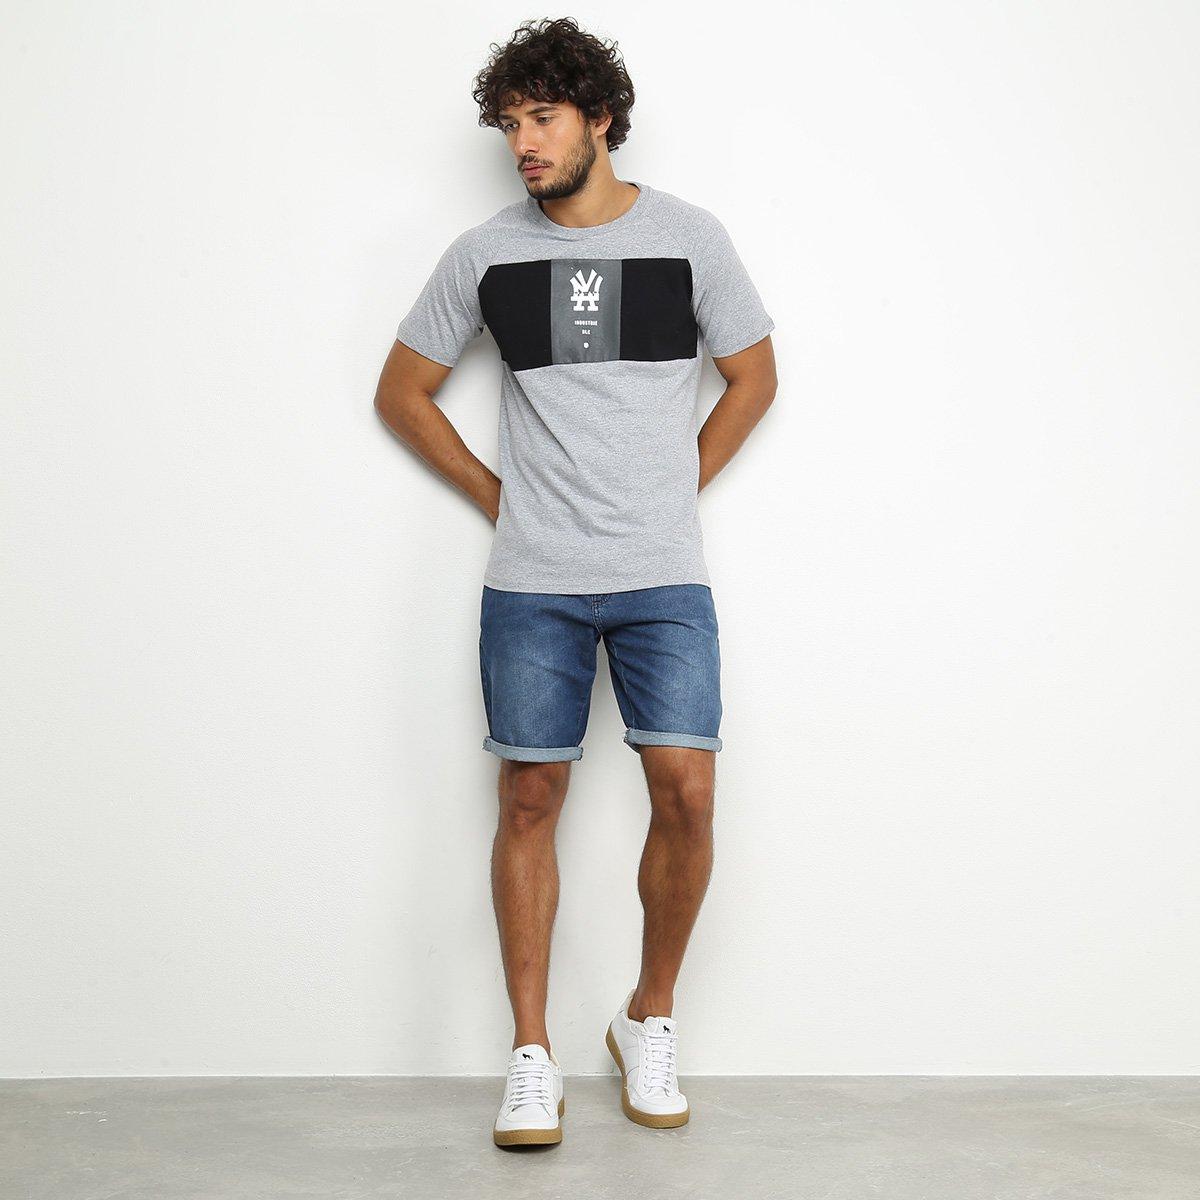 Camiseta Industrie Faixa Masculina - Cinza